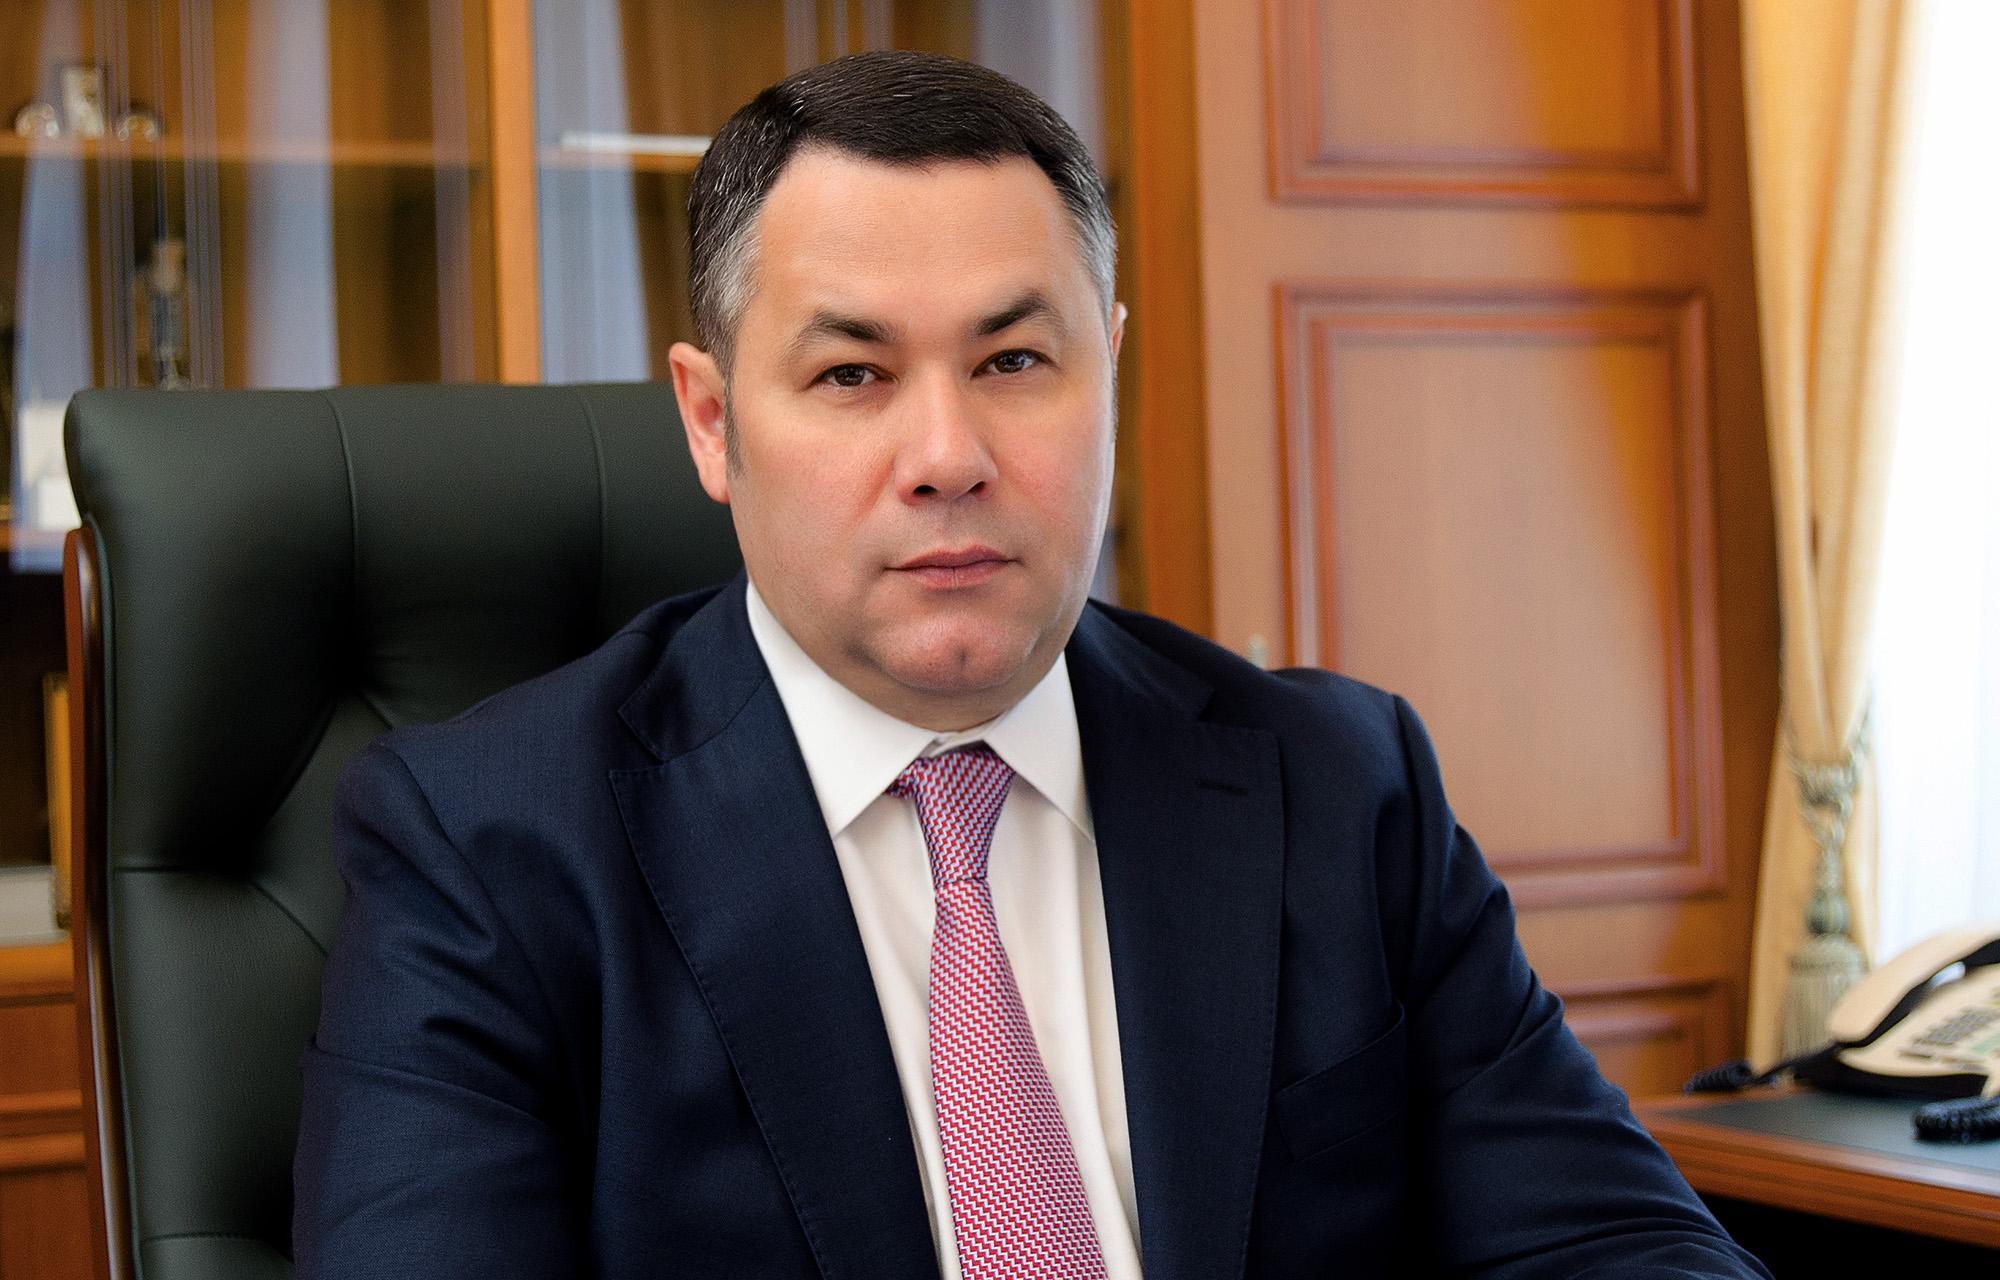 Губернатор Игорь Руденя поздравил молодое поколение Тверской области с Днём молодёжи